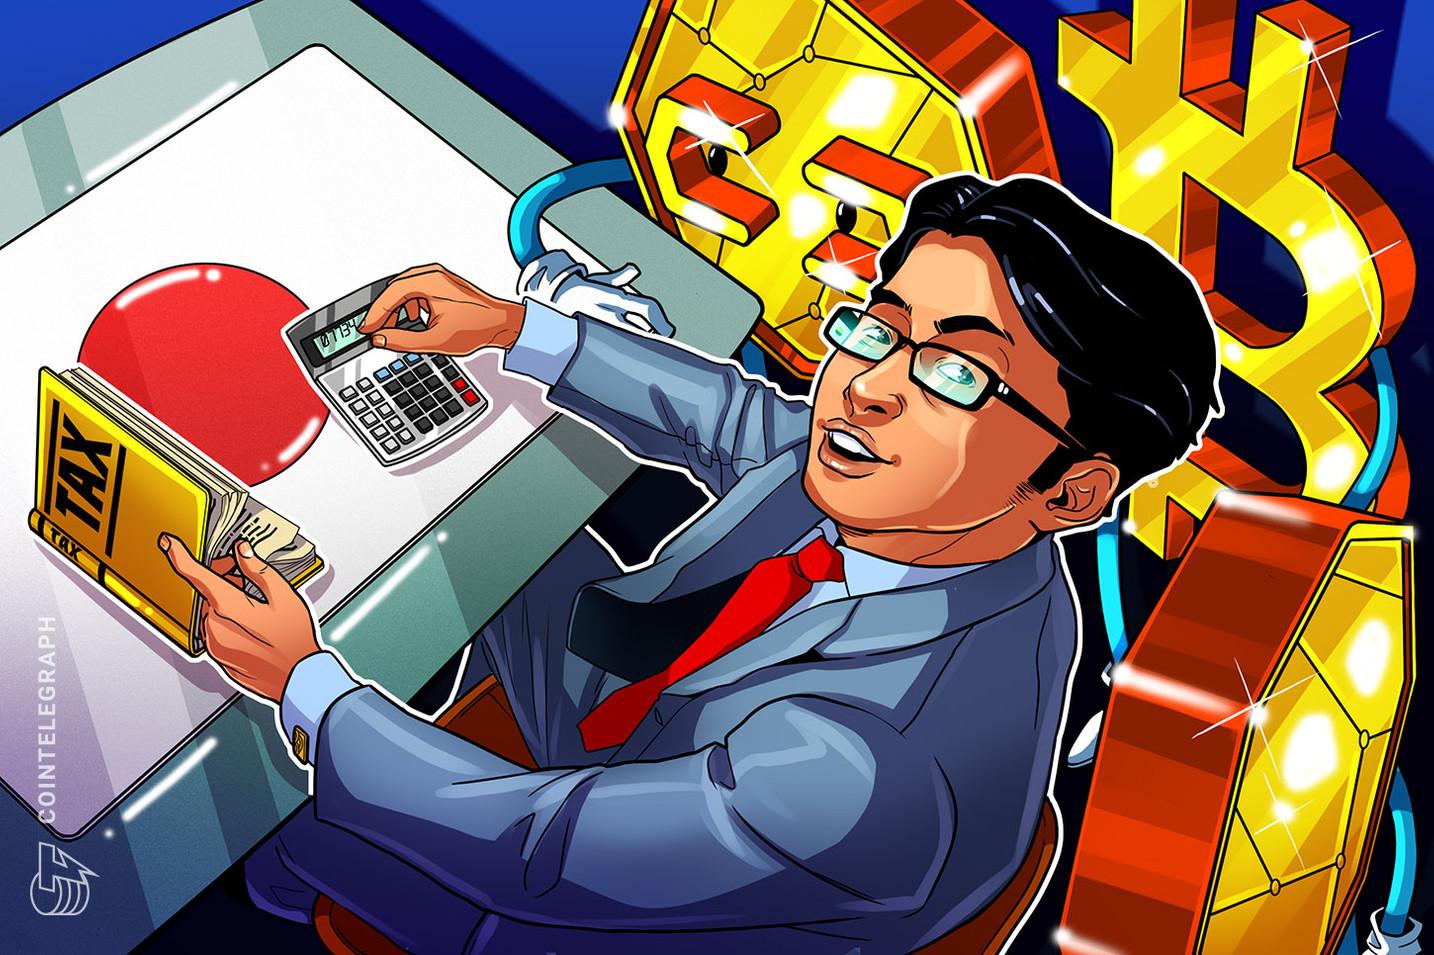 仮想通貨の税金解説!計算方法など初心者向けの基礎知識